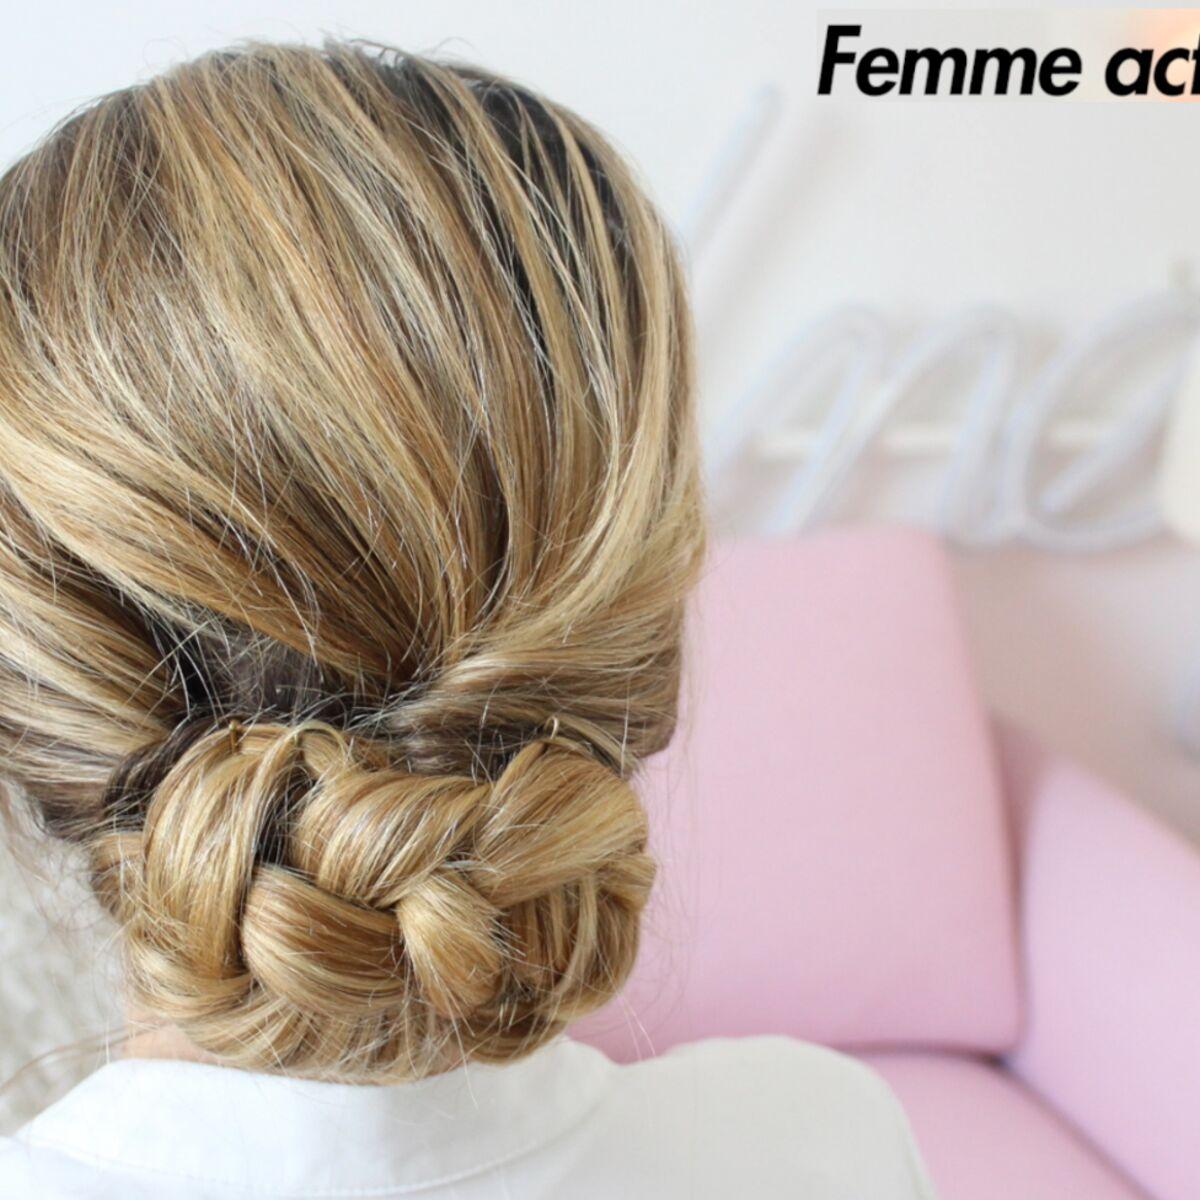 Tutoriel Coiffure Le Chignon Bas Femme Actuelle Le Mag